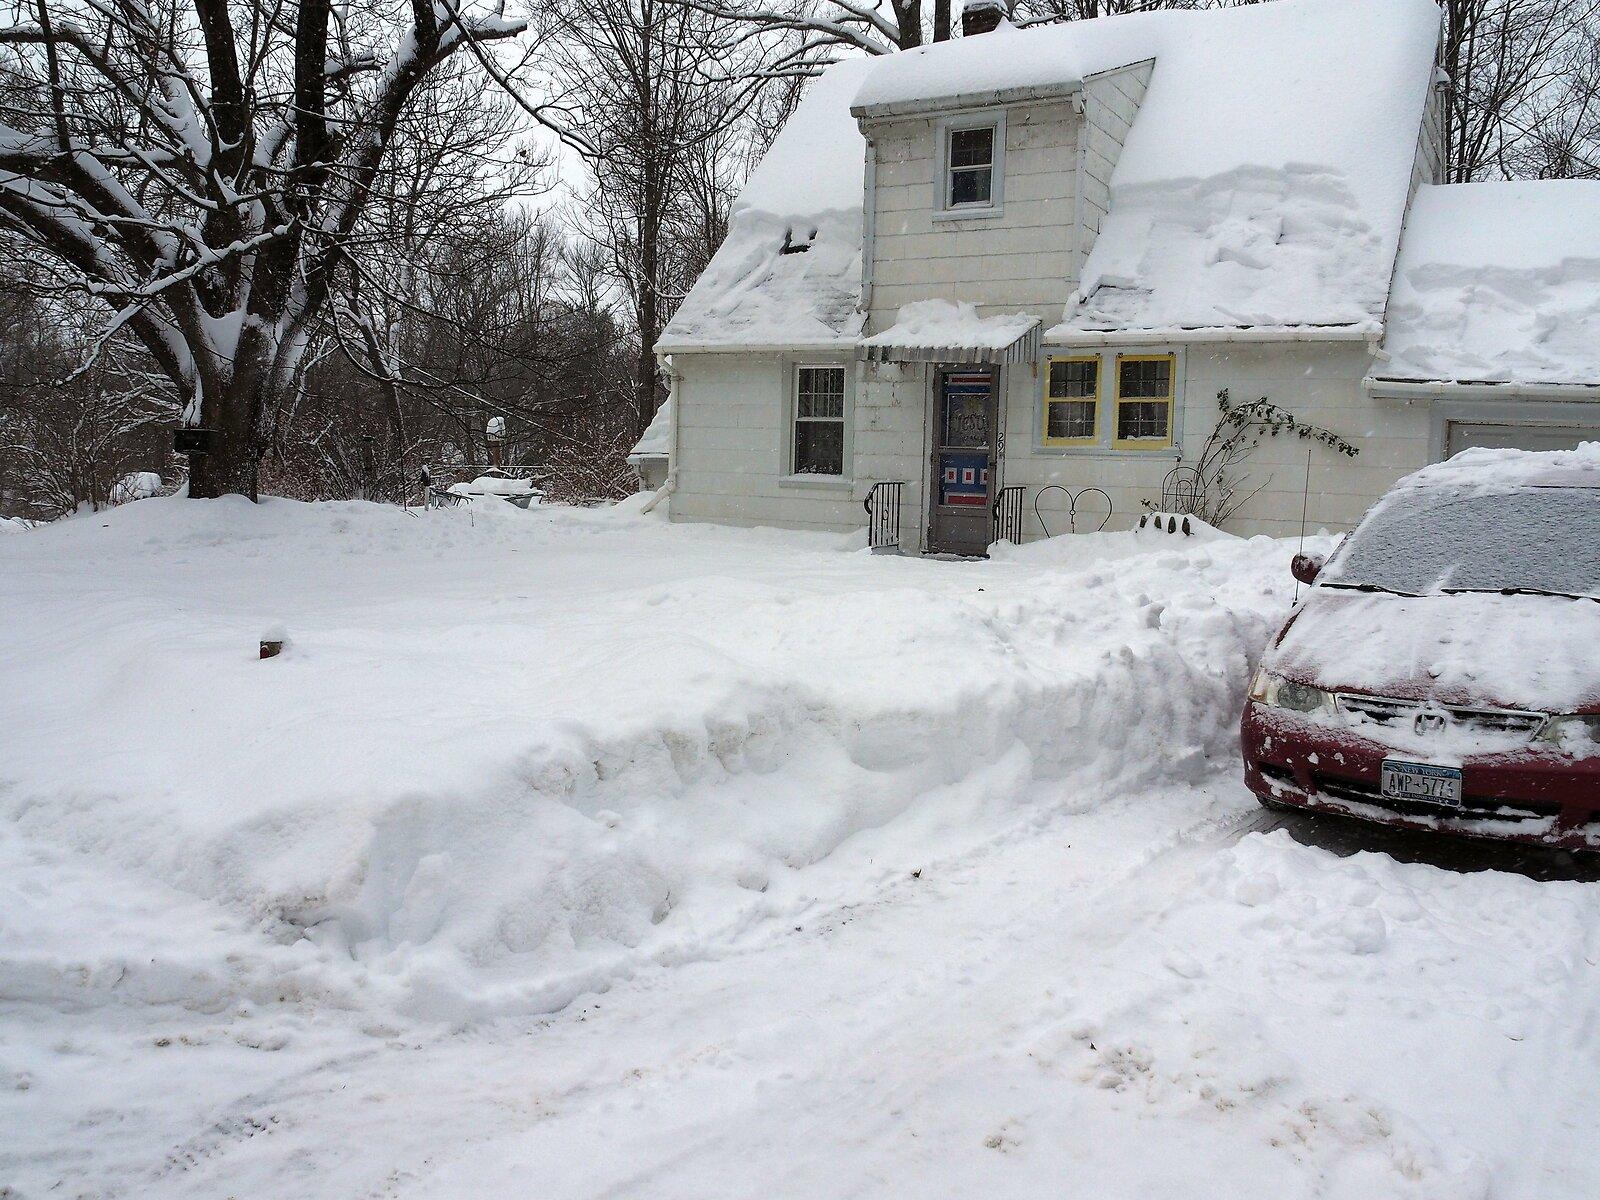 M1 big snow 002-001.JPG